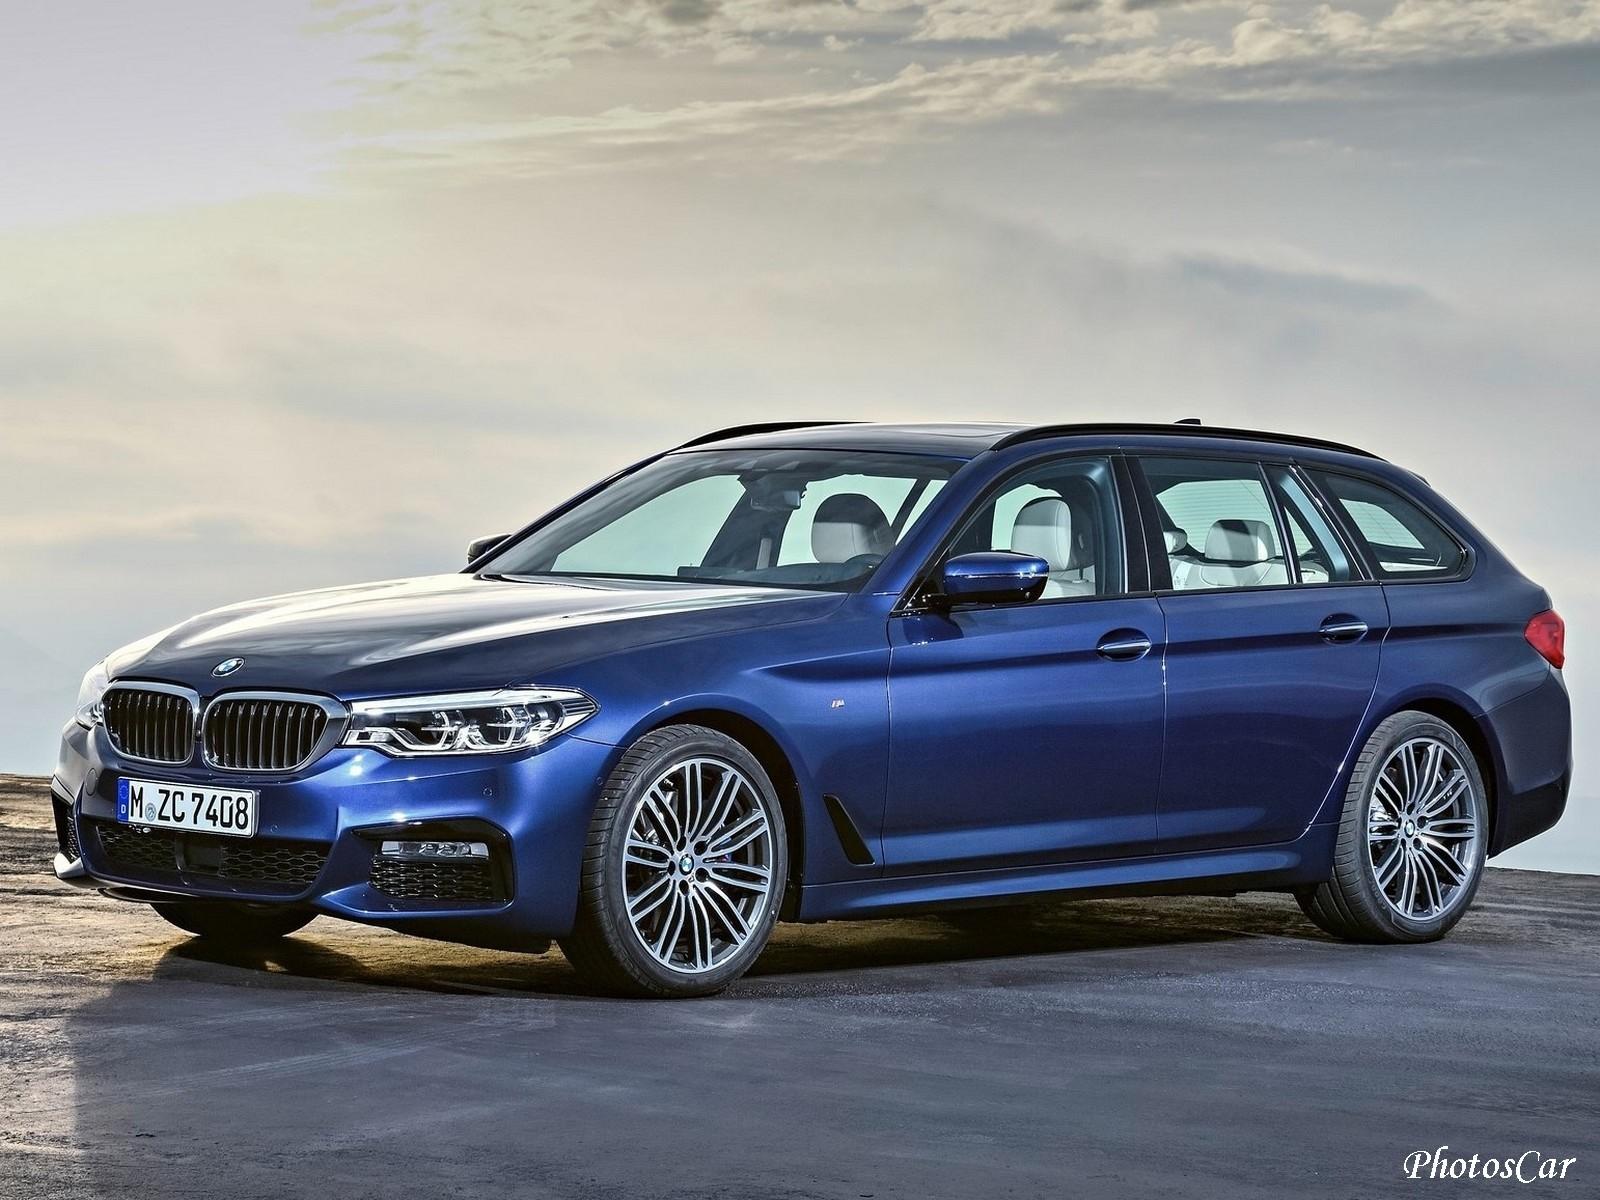 BMW Serie 5 Touring 2018: Photos et Vidéo du nouveau break – Photoscar